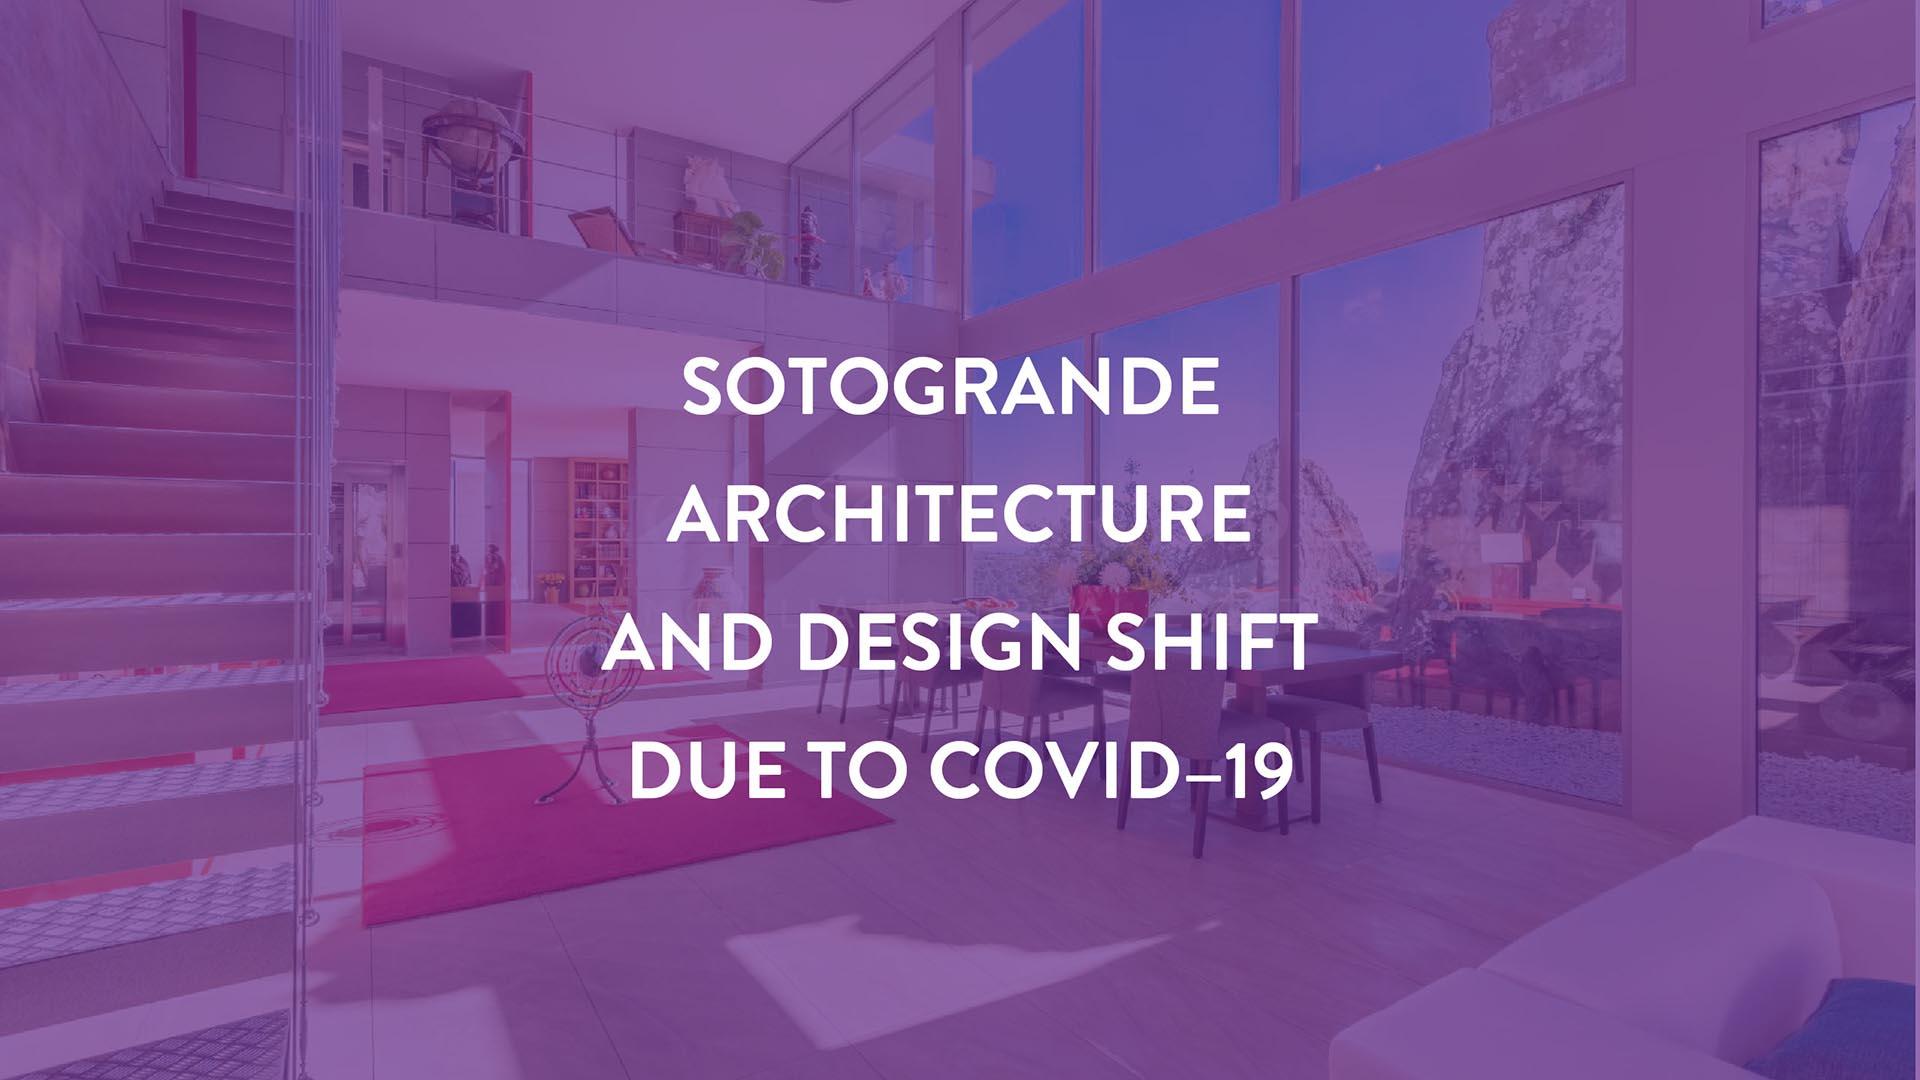 Sotogrande Architecture and Design shift due to COVID–19-3